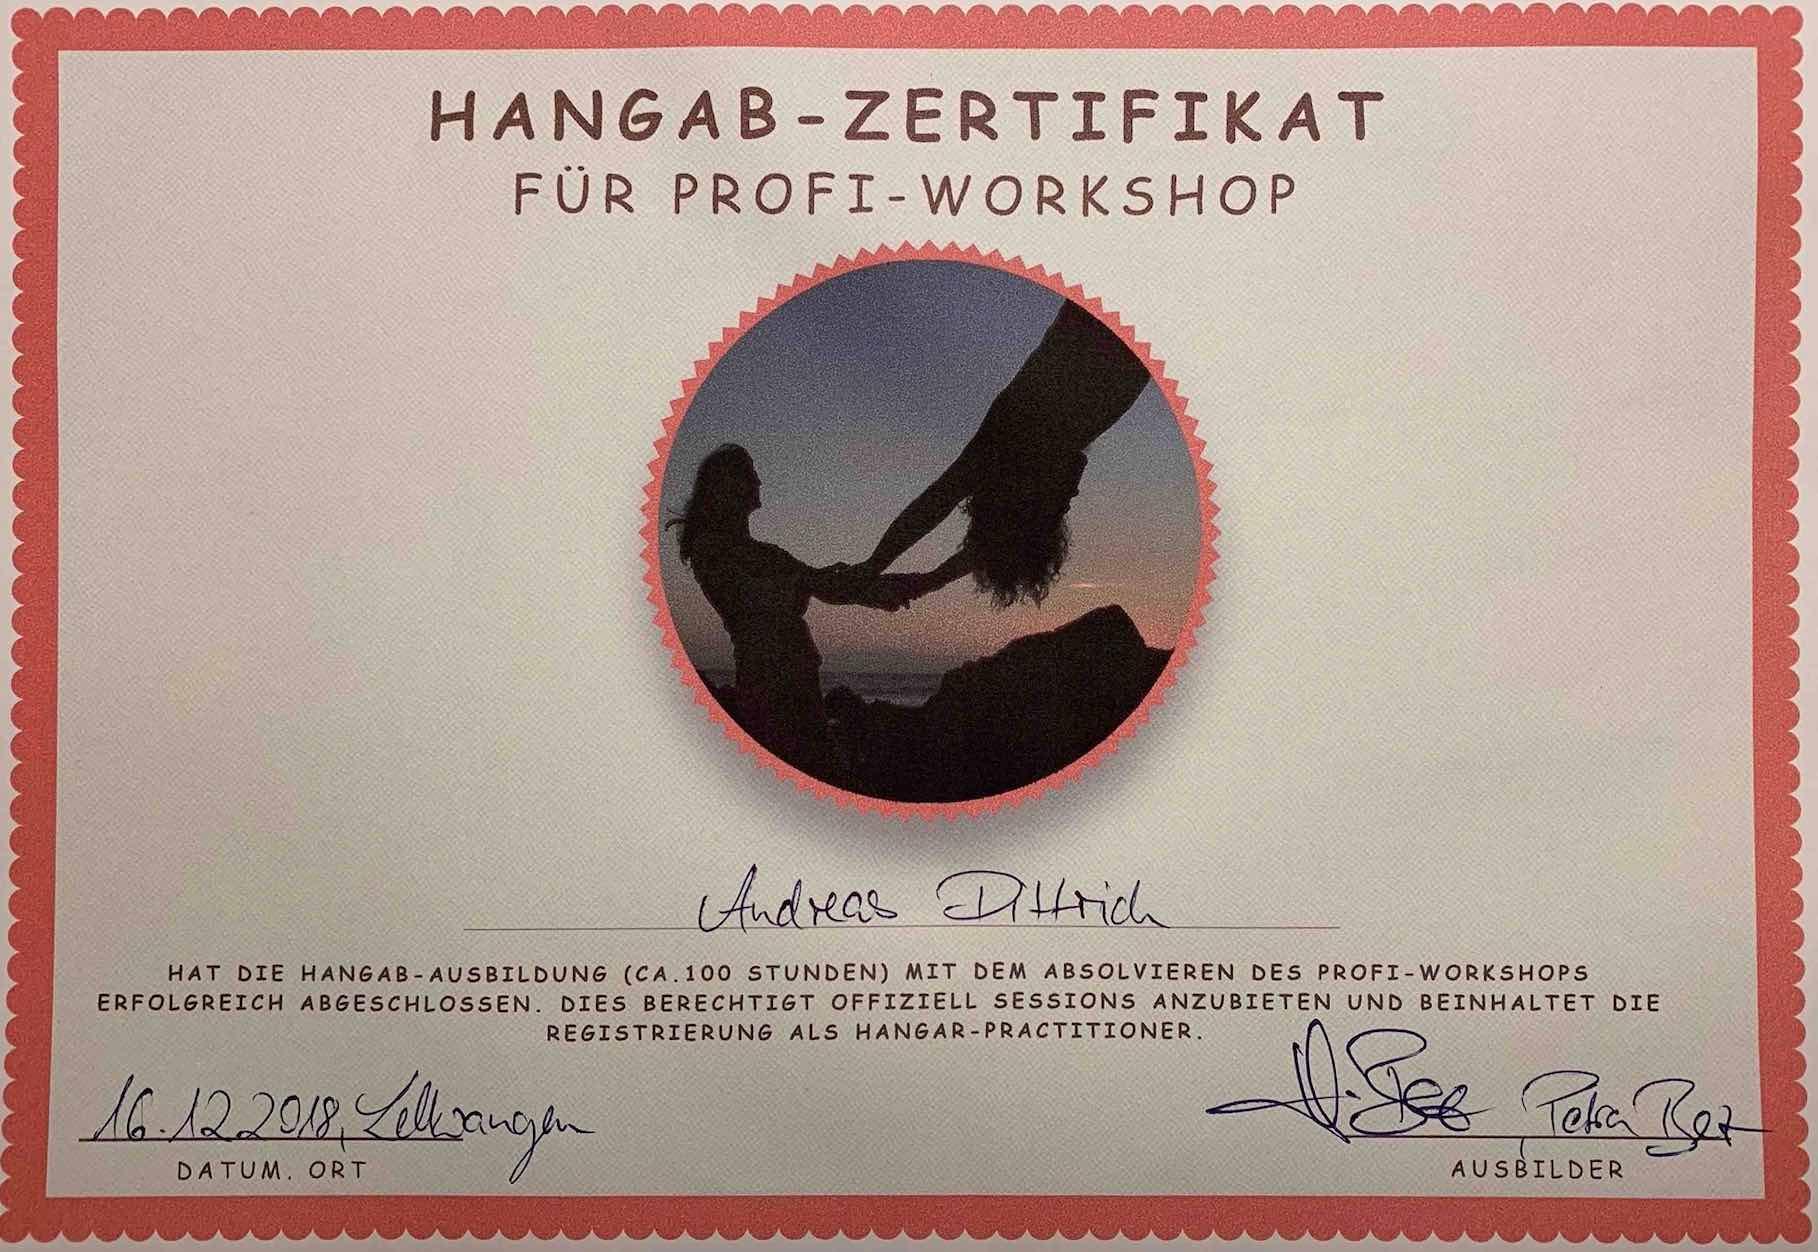 Andreas zertifizierter Hangab Professional Schweiz, Deutschland, Österreich - manchmal irgendwo auf der Welt auf Yoga&Spiriutal Festivals